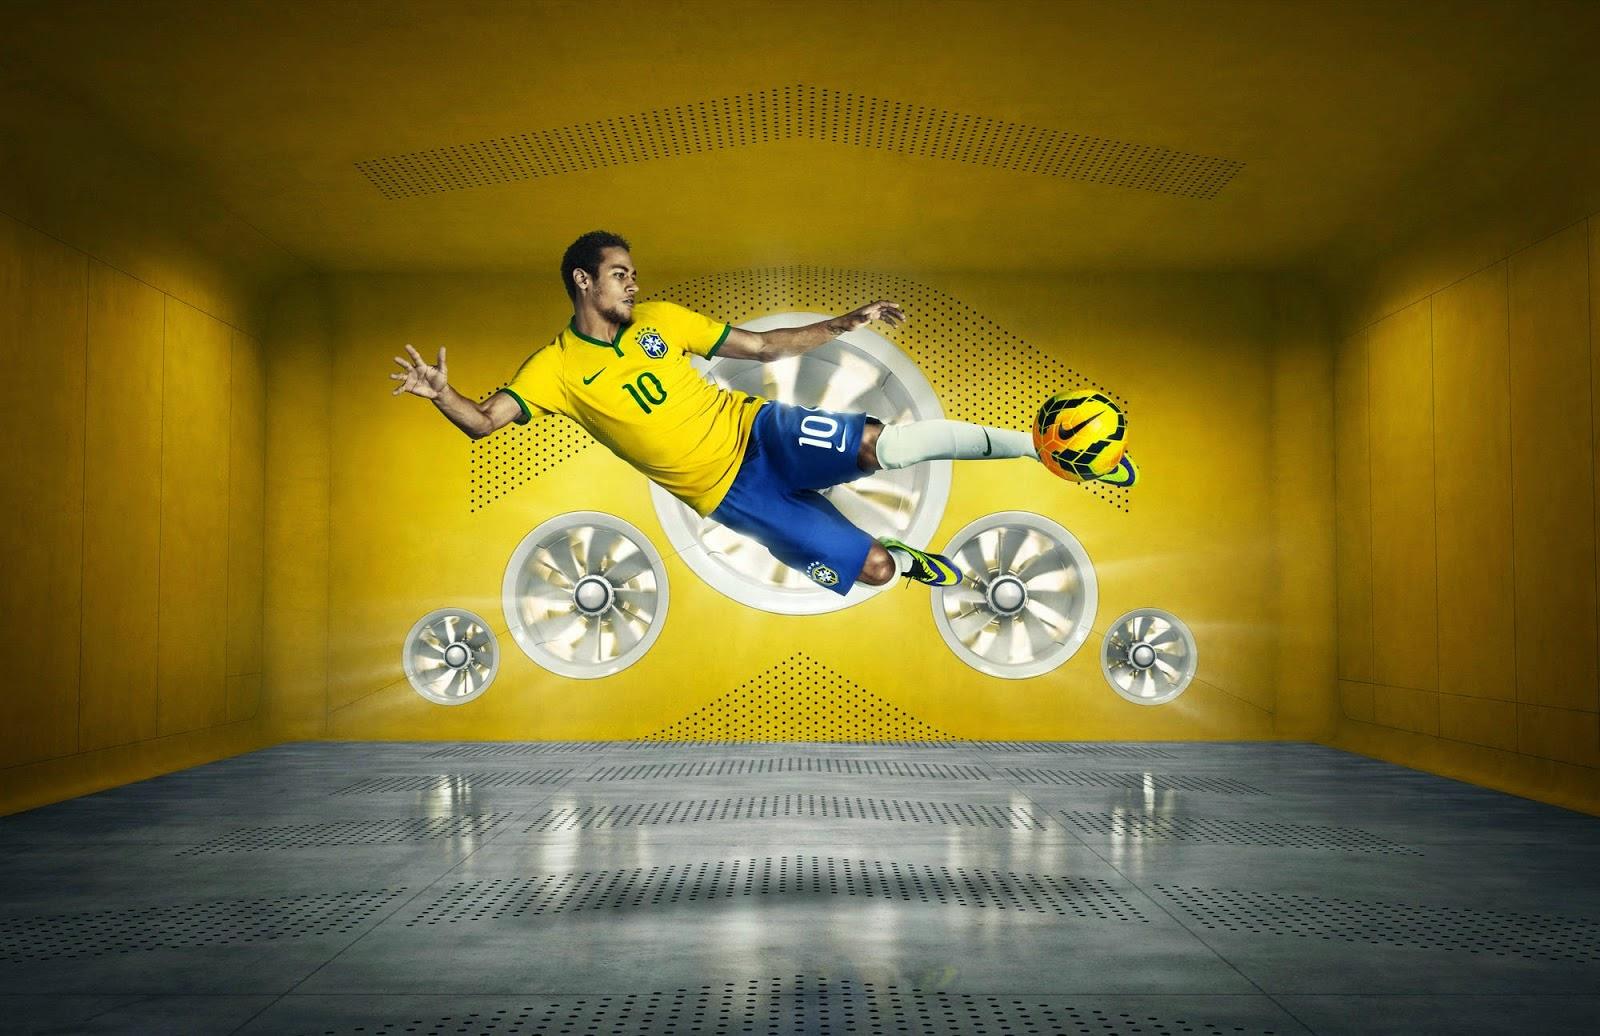 https://2.bp.blogspot.com/-X3VnZCV8Bos/U6bvVY3s3nI/AAAAAAAAZ3M/H42wdQBxBoM/s1600/brazil-world-cup-2014-kit-HD.jpg